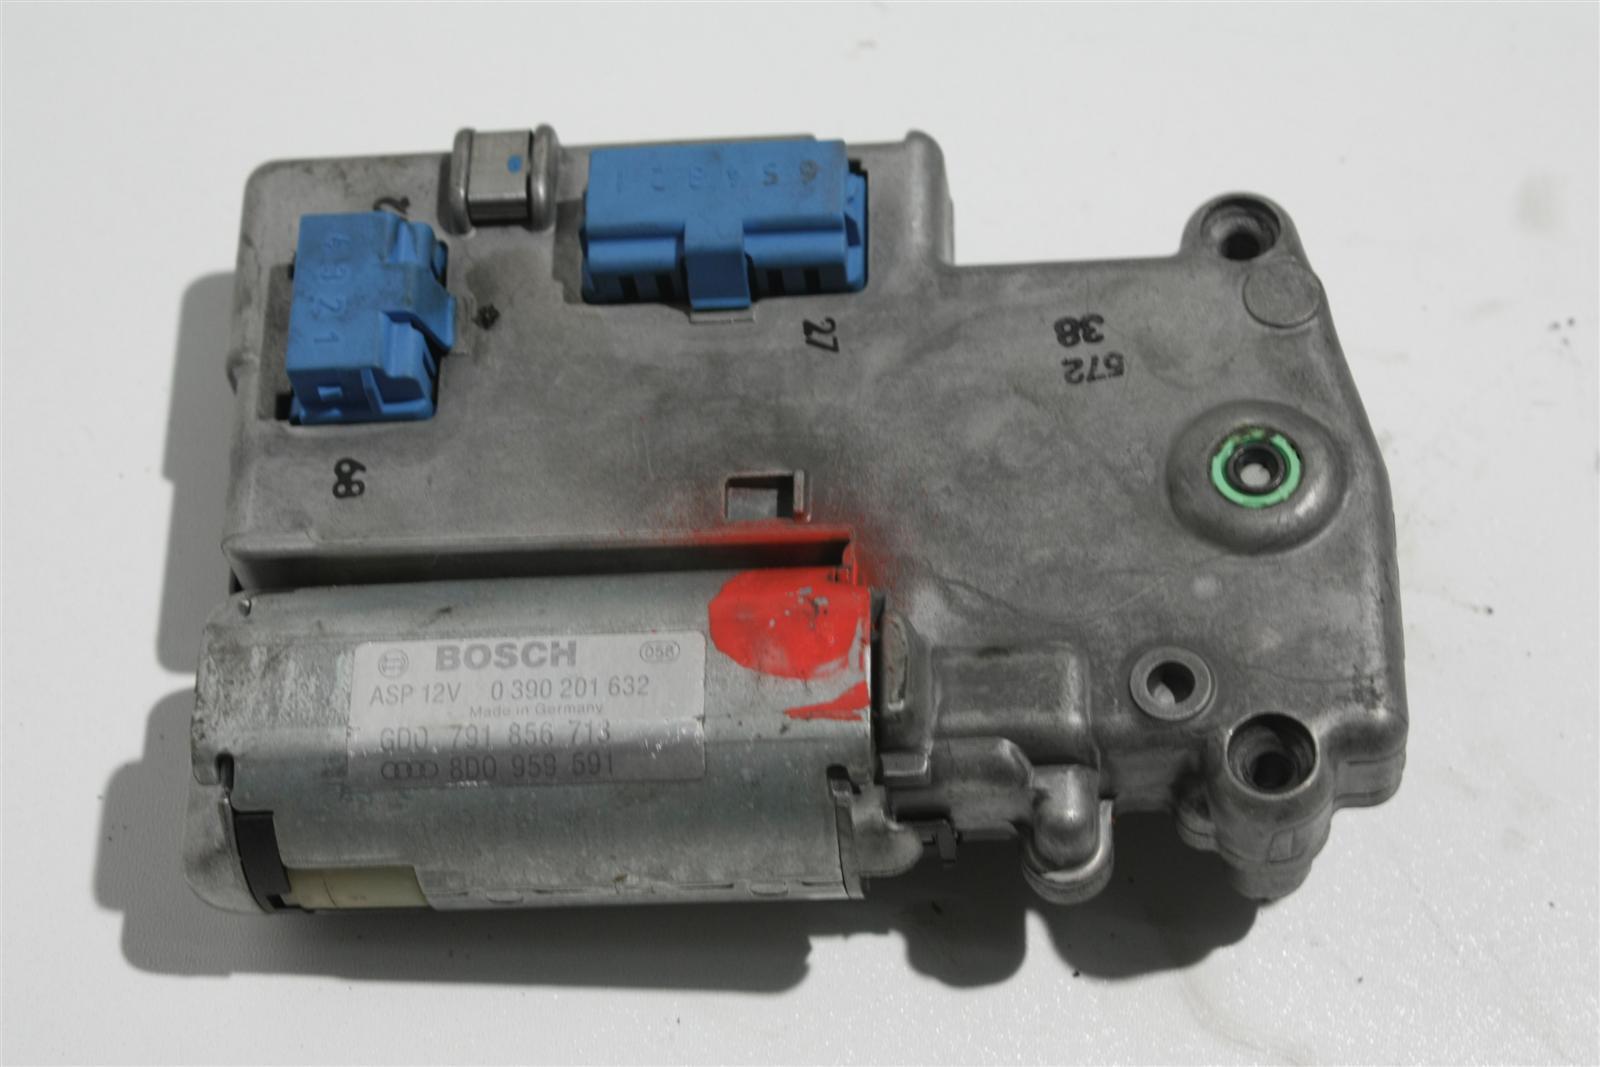 Audi/VW A3/A4/Passat Schiebedachmotor Bosch 8D0959591B 8D0959591